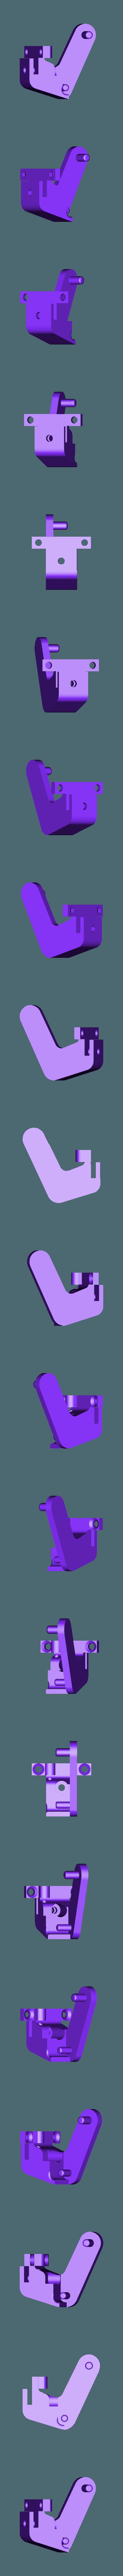 switch_holder.stl Télécharger fichier STL gratuit EPIC 6 stage coilgun • Objet pour impression 3D, Gyro